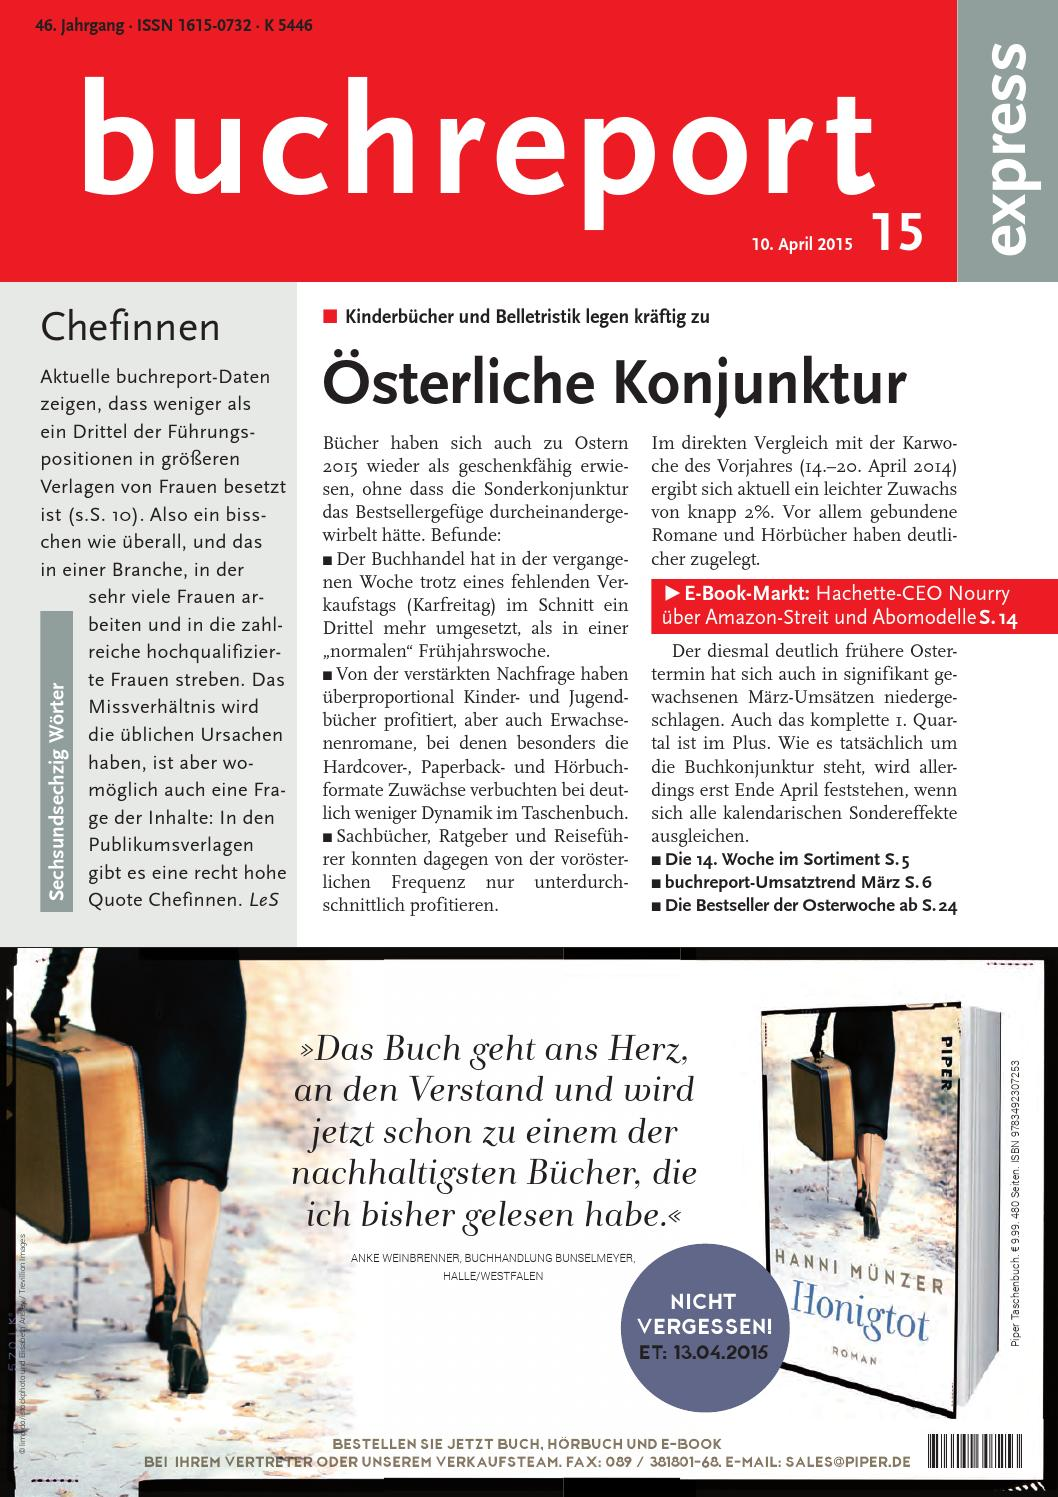 Tolle Buchreportvorlagen Bilder - Beispiel Wiederaufnahme Vorlagen ...